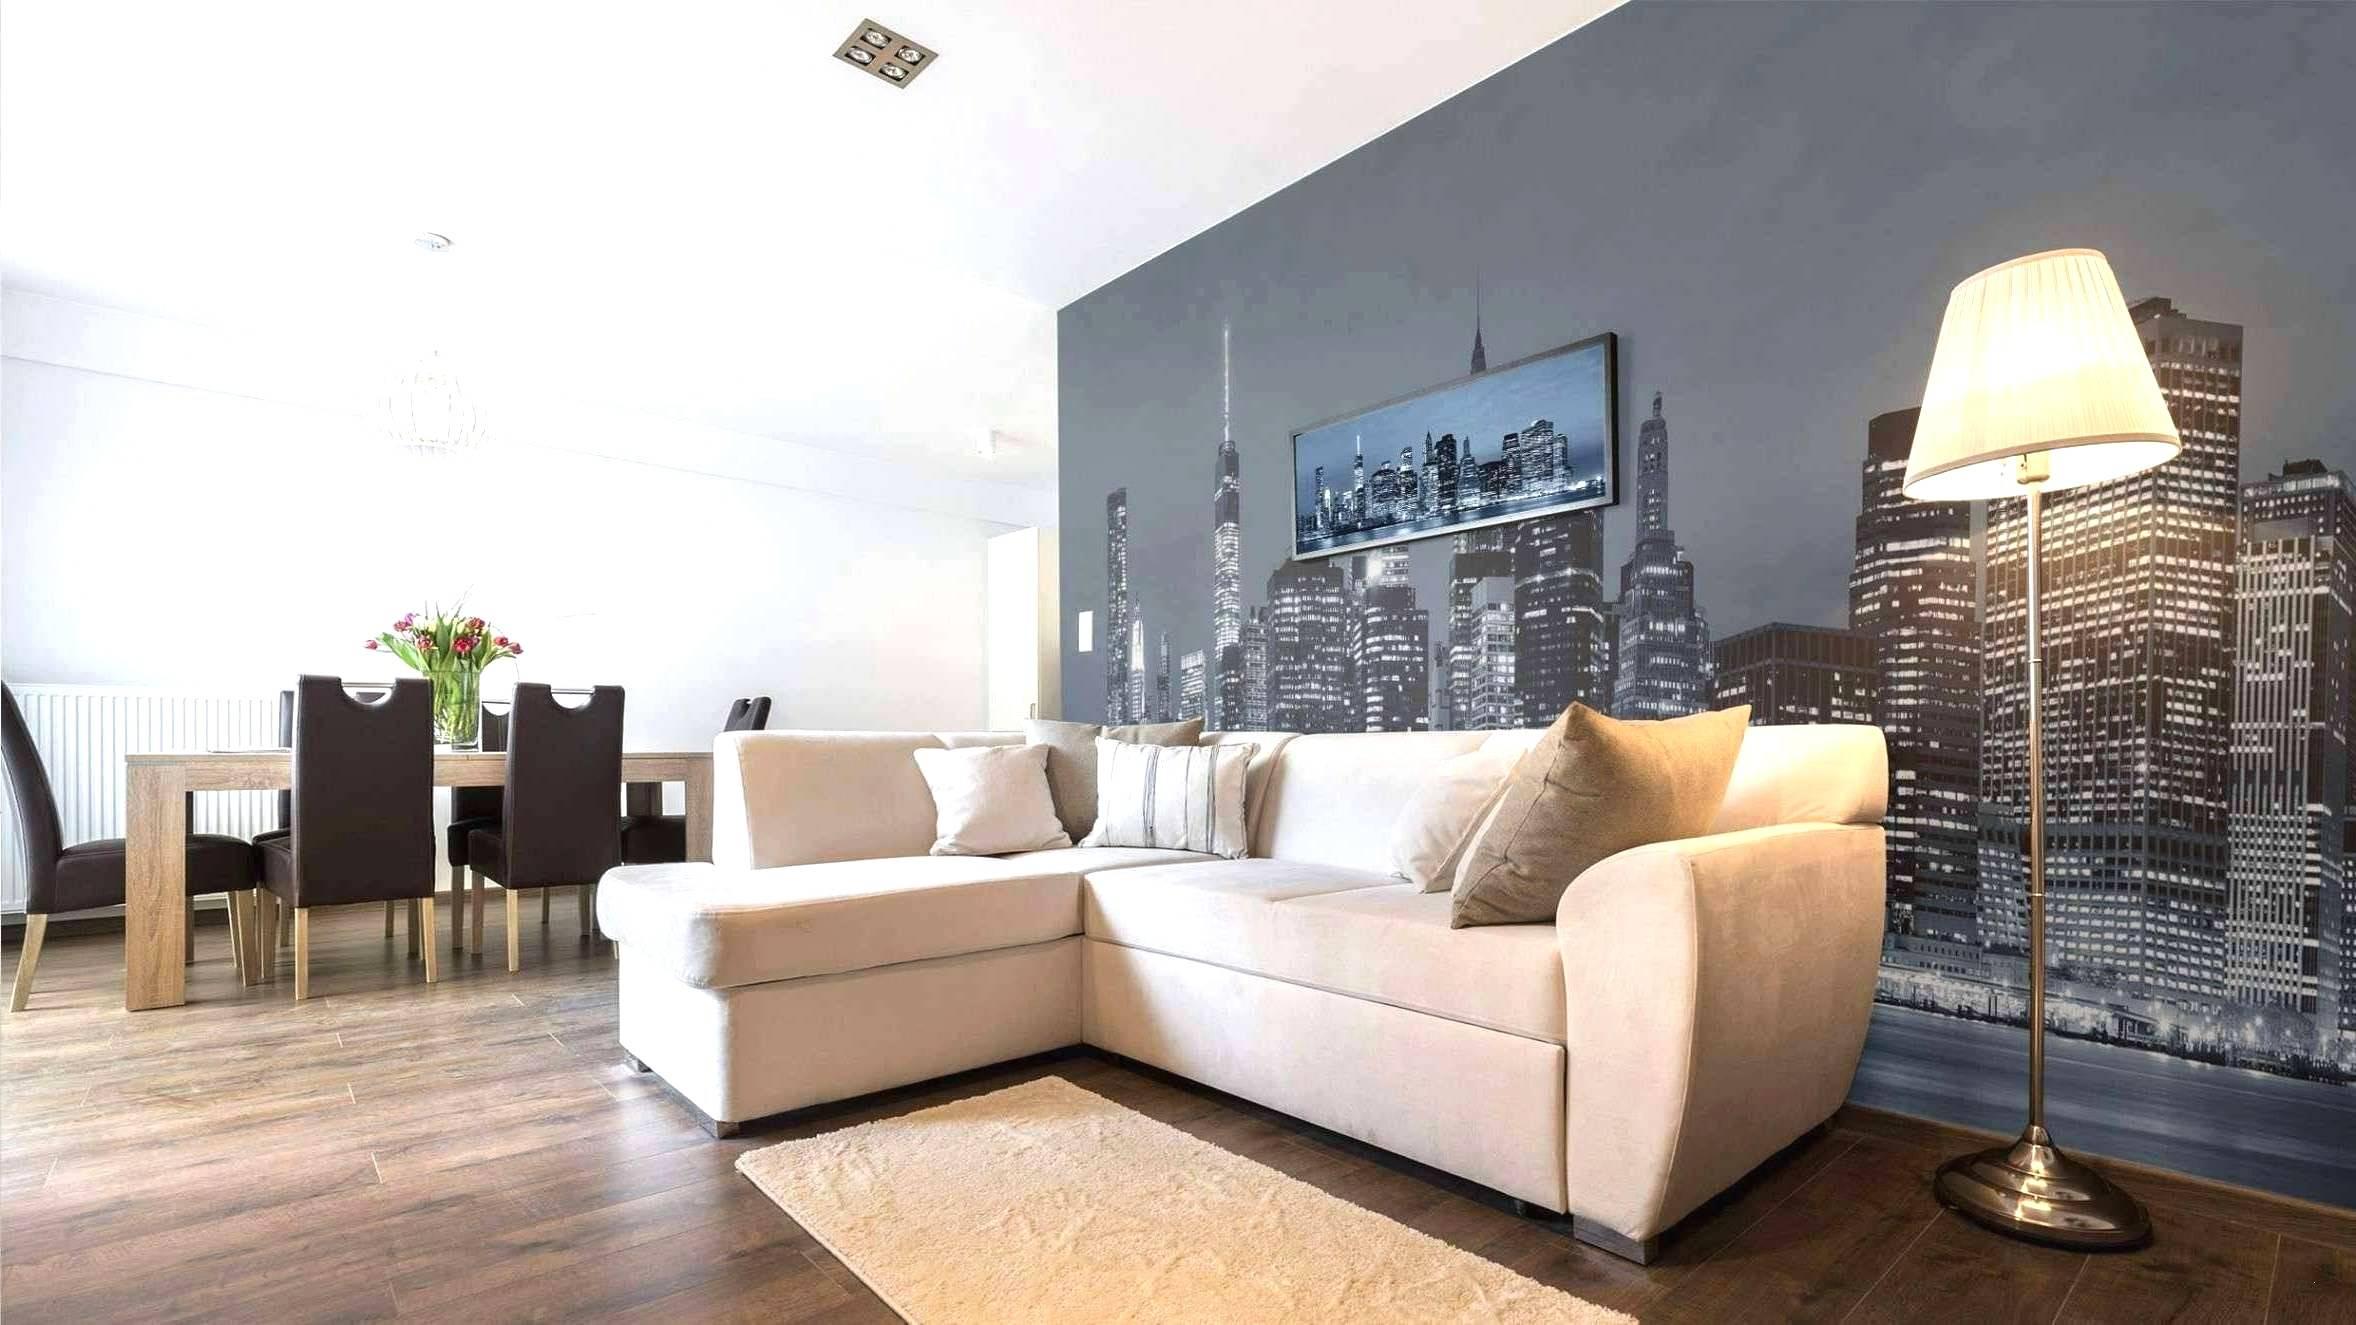 deko fur wohnzimmer ideen fresh ideas deko turkis wohnzimmer of deko fur wohnzimmer ideen